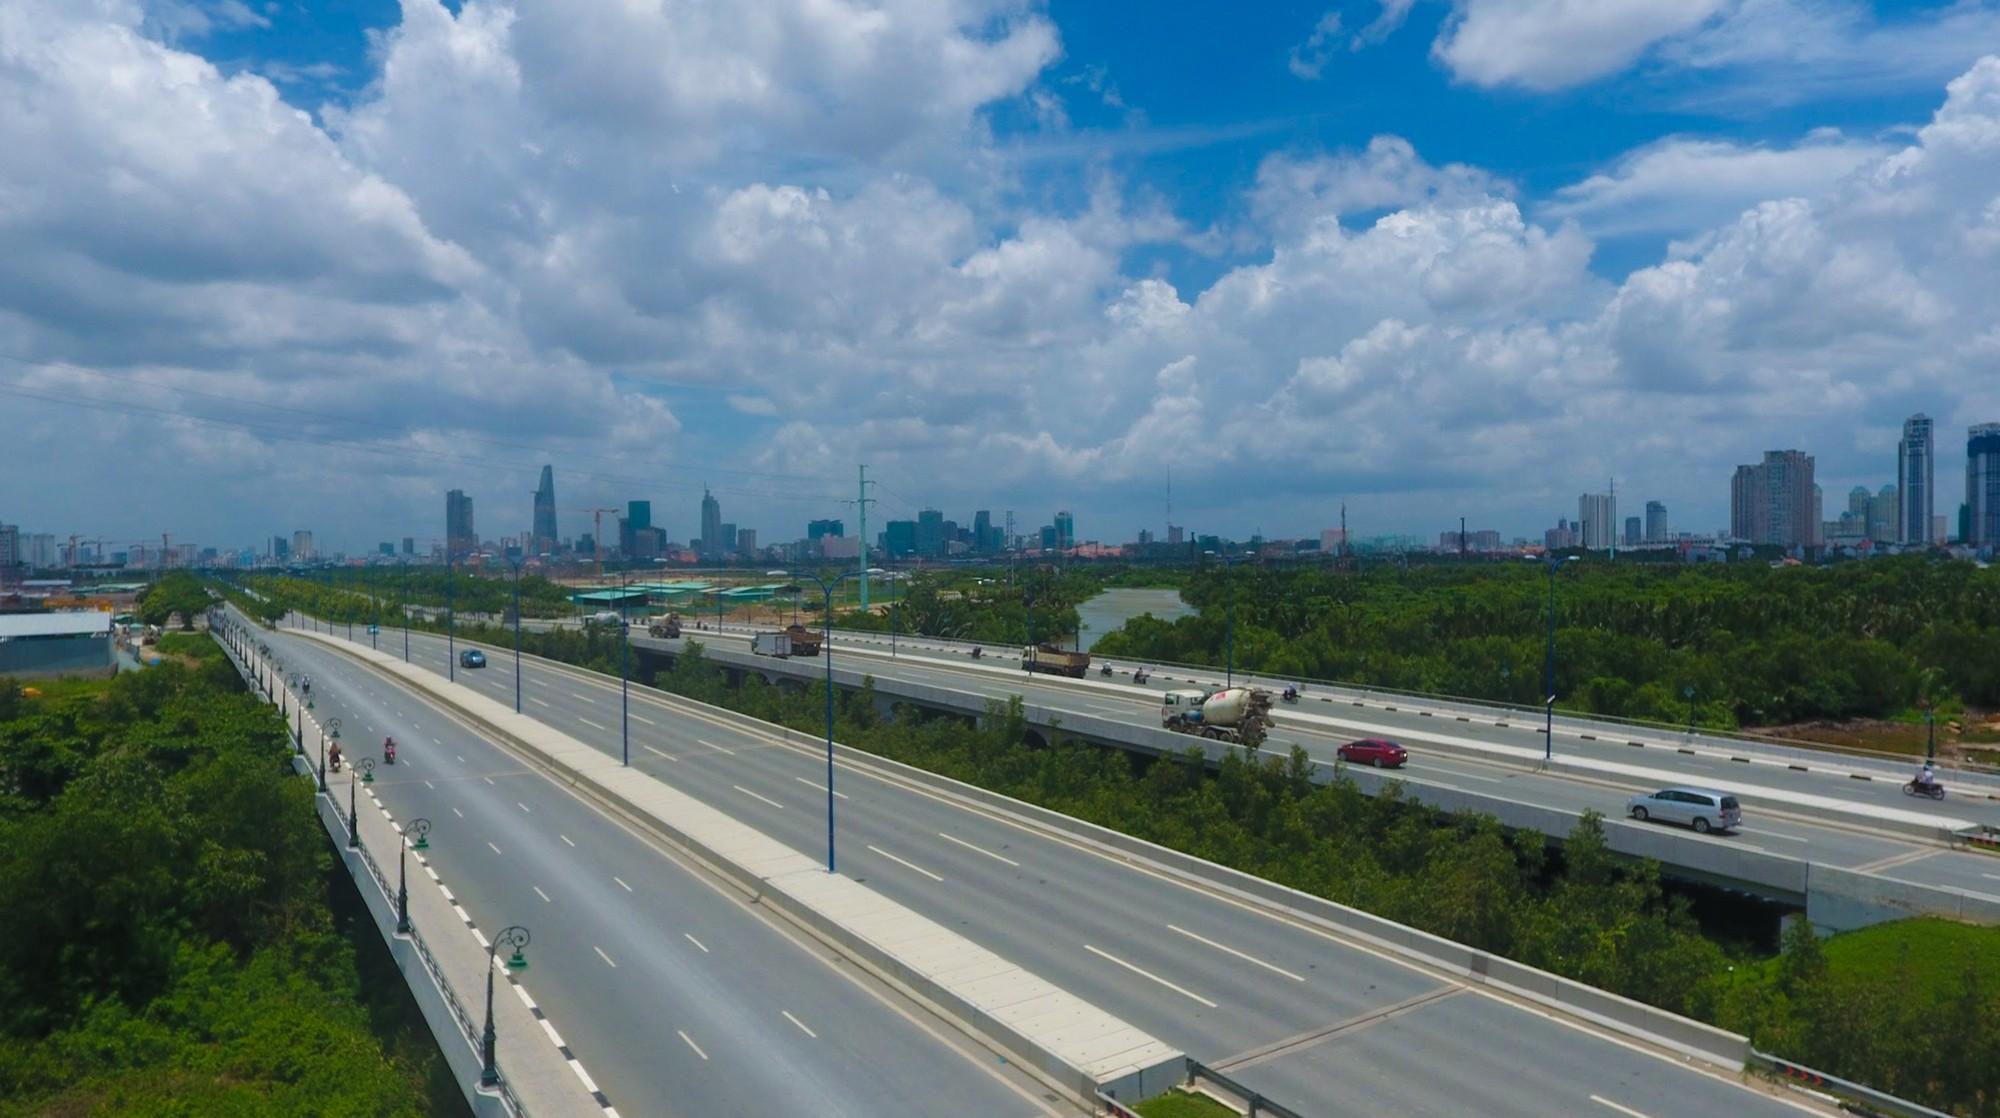 Diện mạo bán đảo Thủ Thiêm - khu đô thị đẹp nhất Sài Gòn nhìn từ trên cao - Ảnh 7.